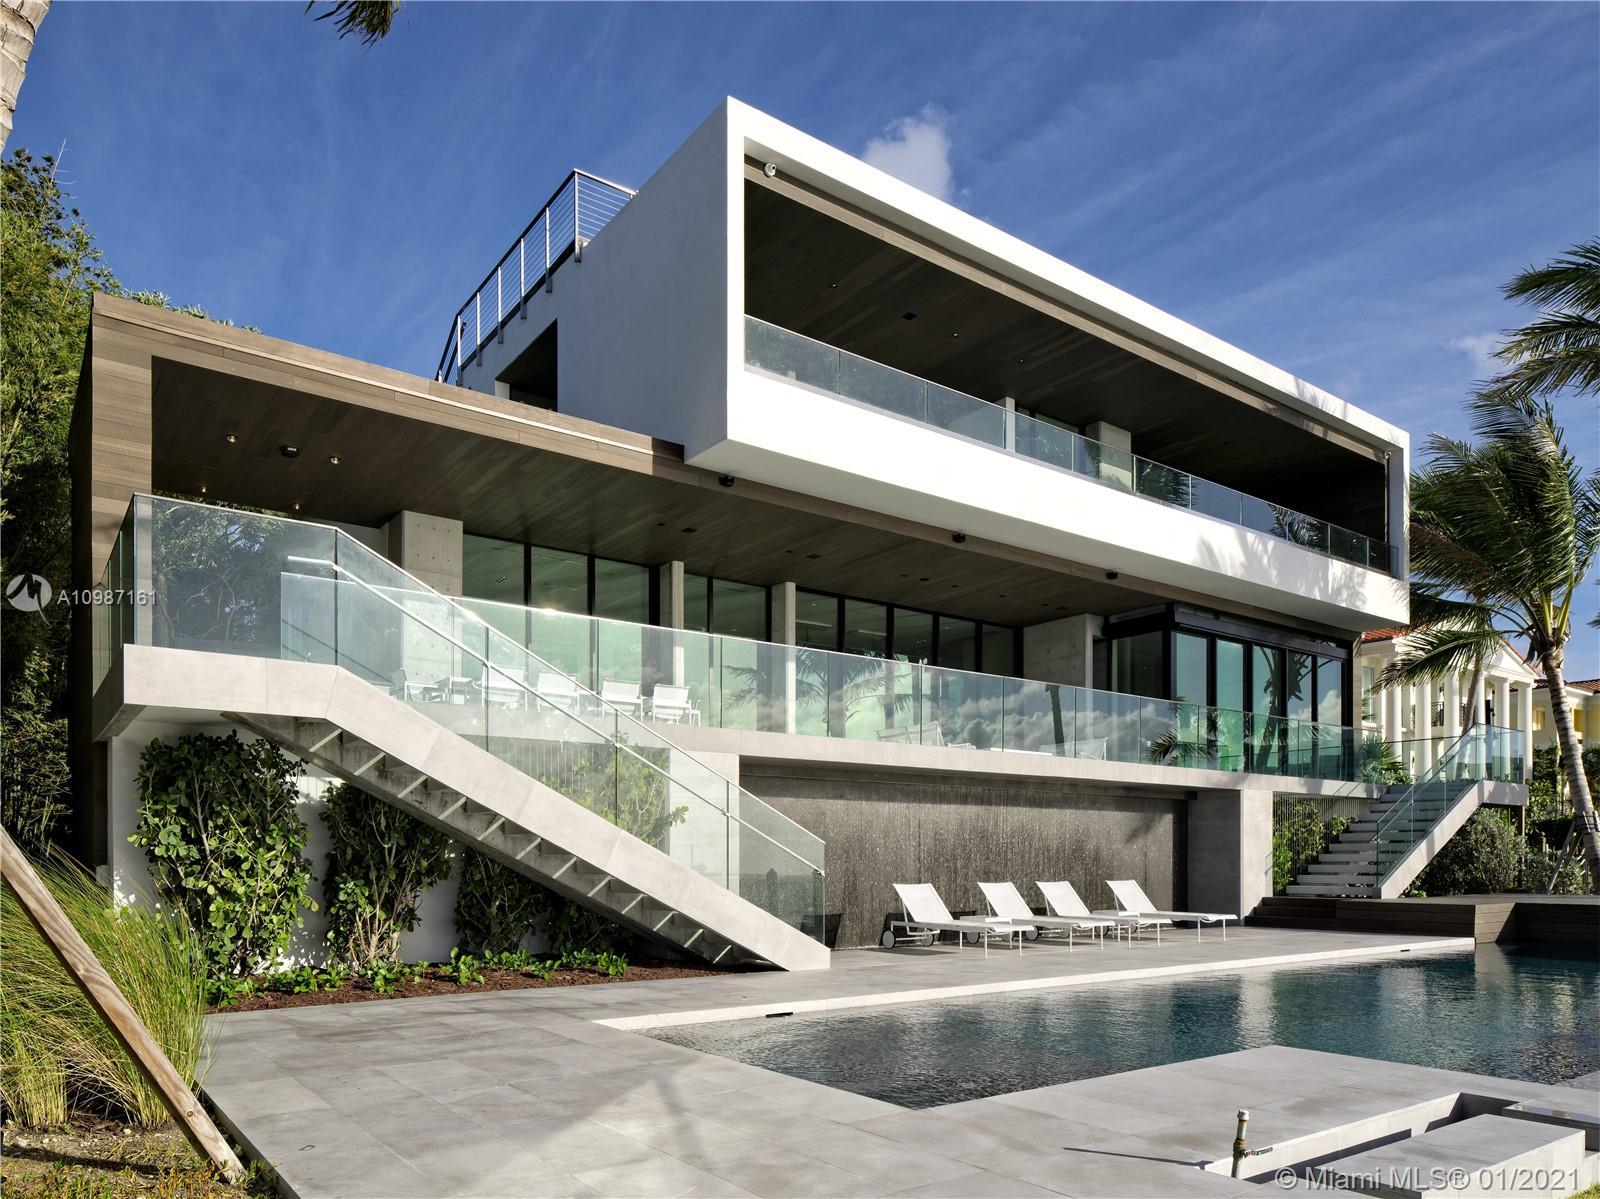 3591 Rockerman Rd, Miami, Florida 33133, 5 Bedrooms Bedrooms, ,6 BathroomsBathrooms,Residential,For Sale,3591 Rockerman Rd,A10987161